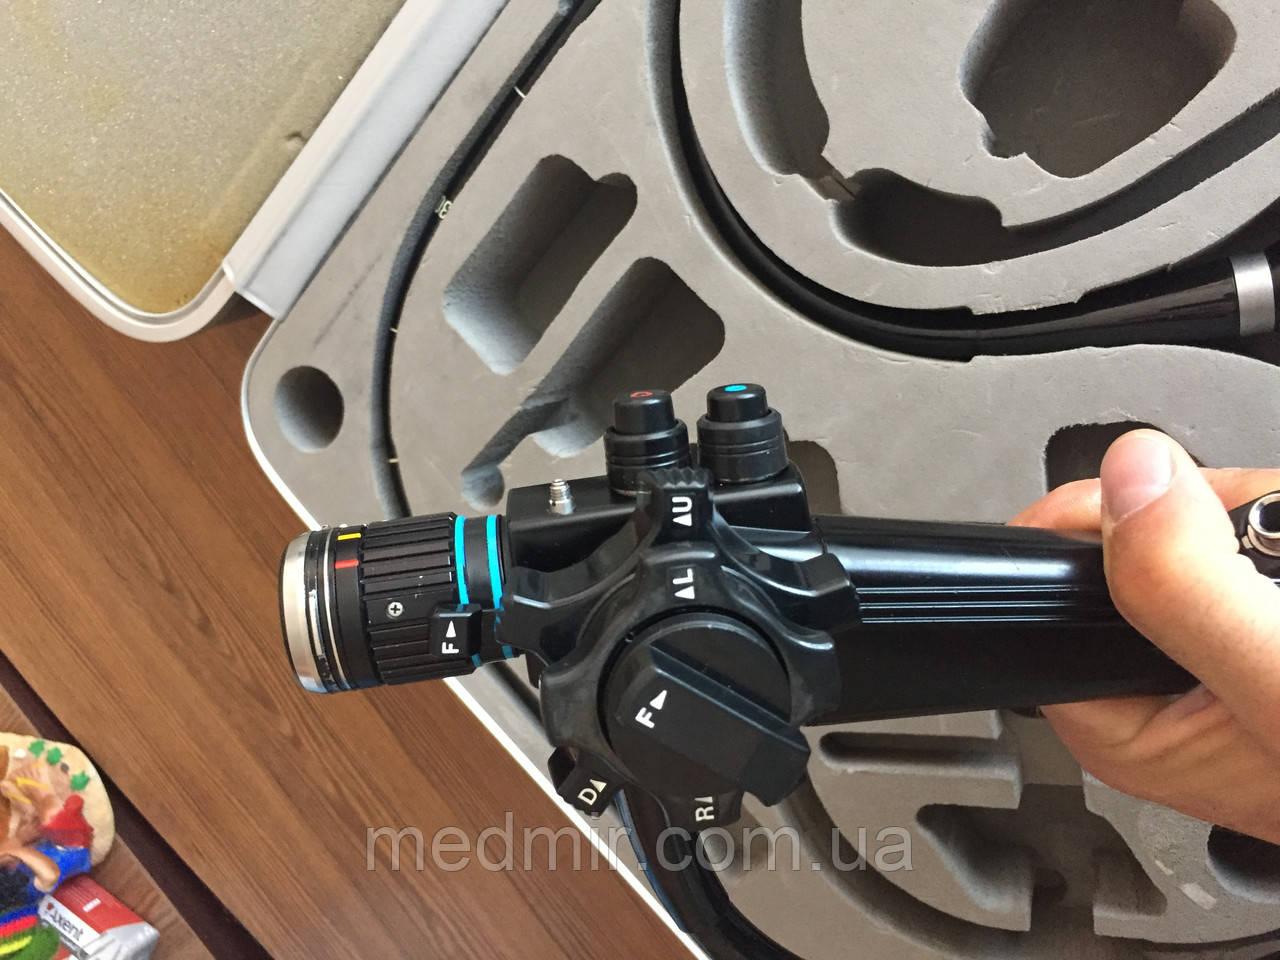 Терапевтический гастрофиброскоп GIF-1Т20